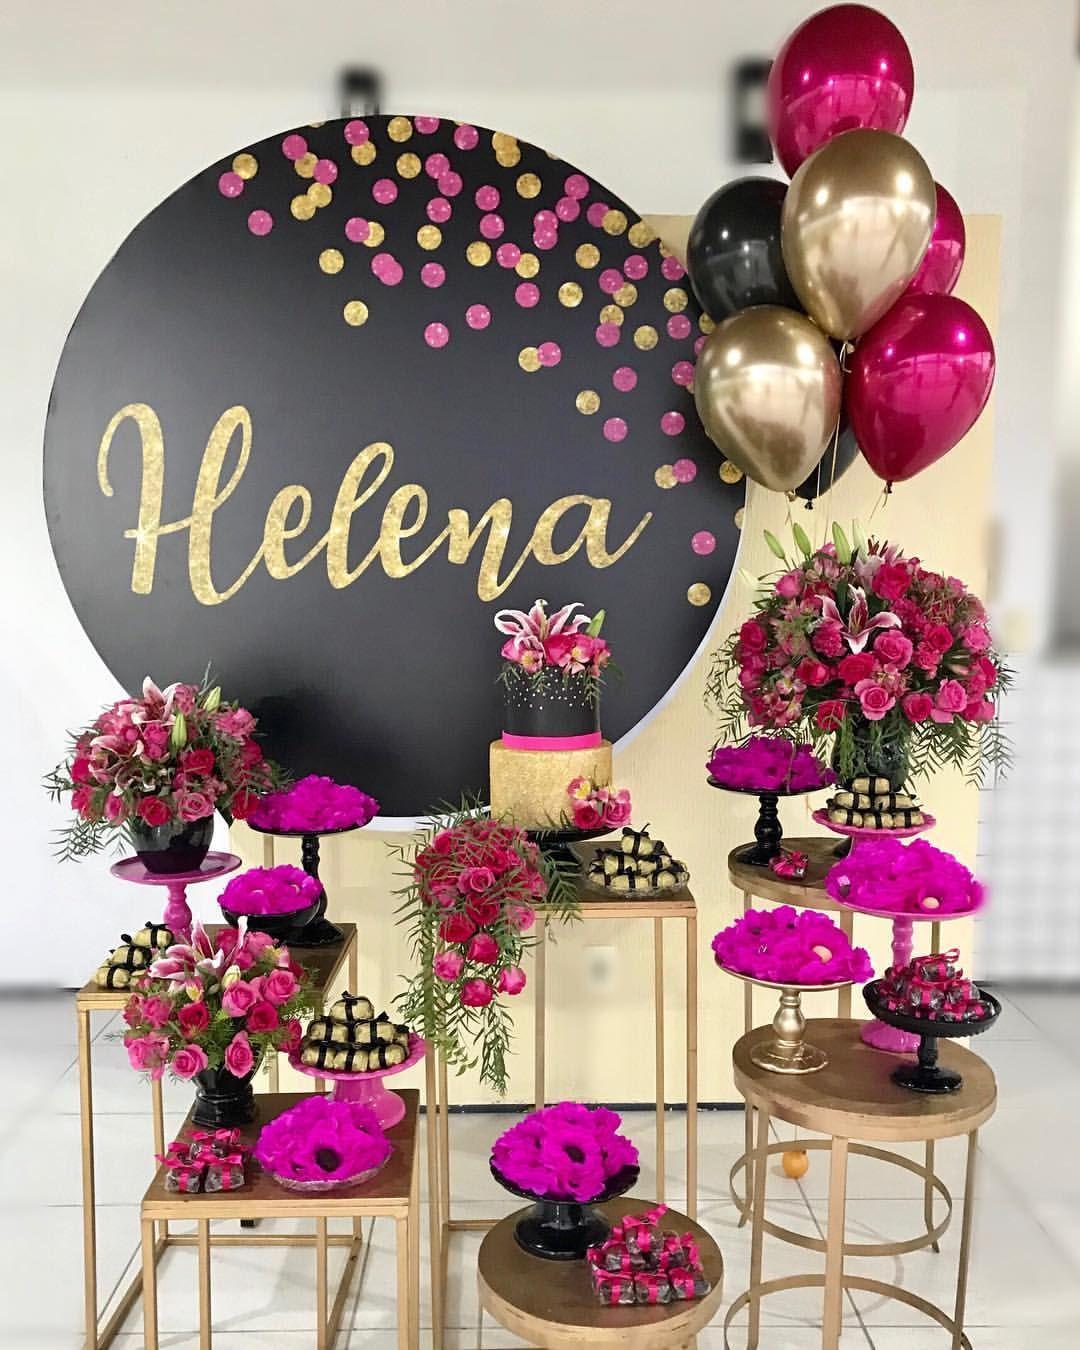 df5a248daa Pocket Party Luxo para Adriana celebrar mais um ano de vida!!   adrianaoliveiraestrela 3.6